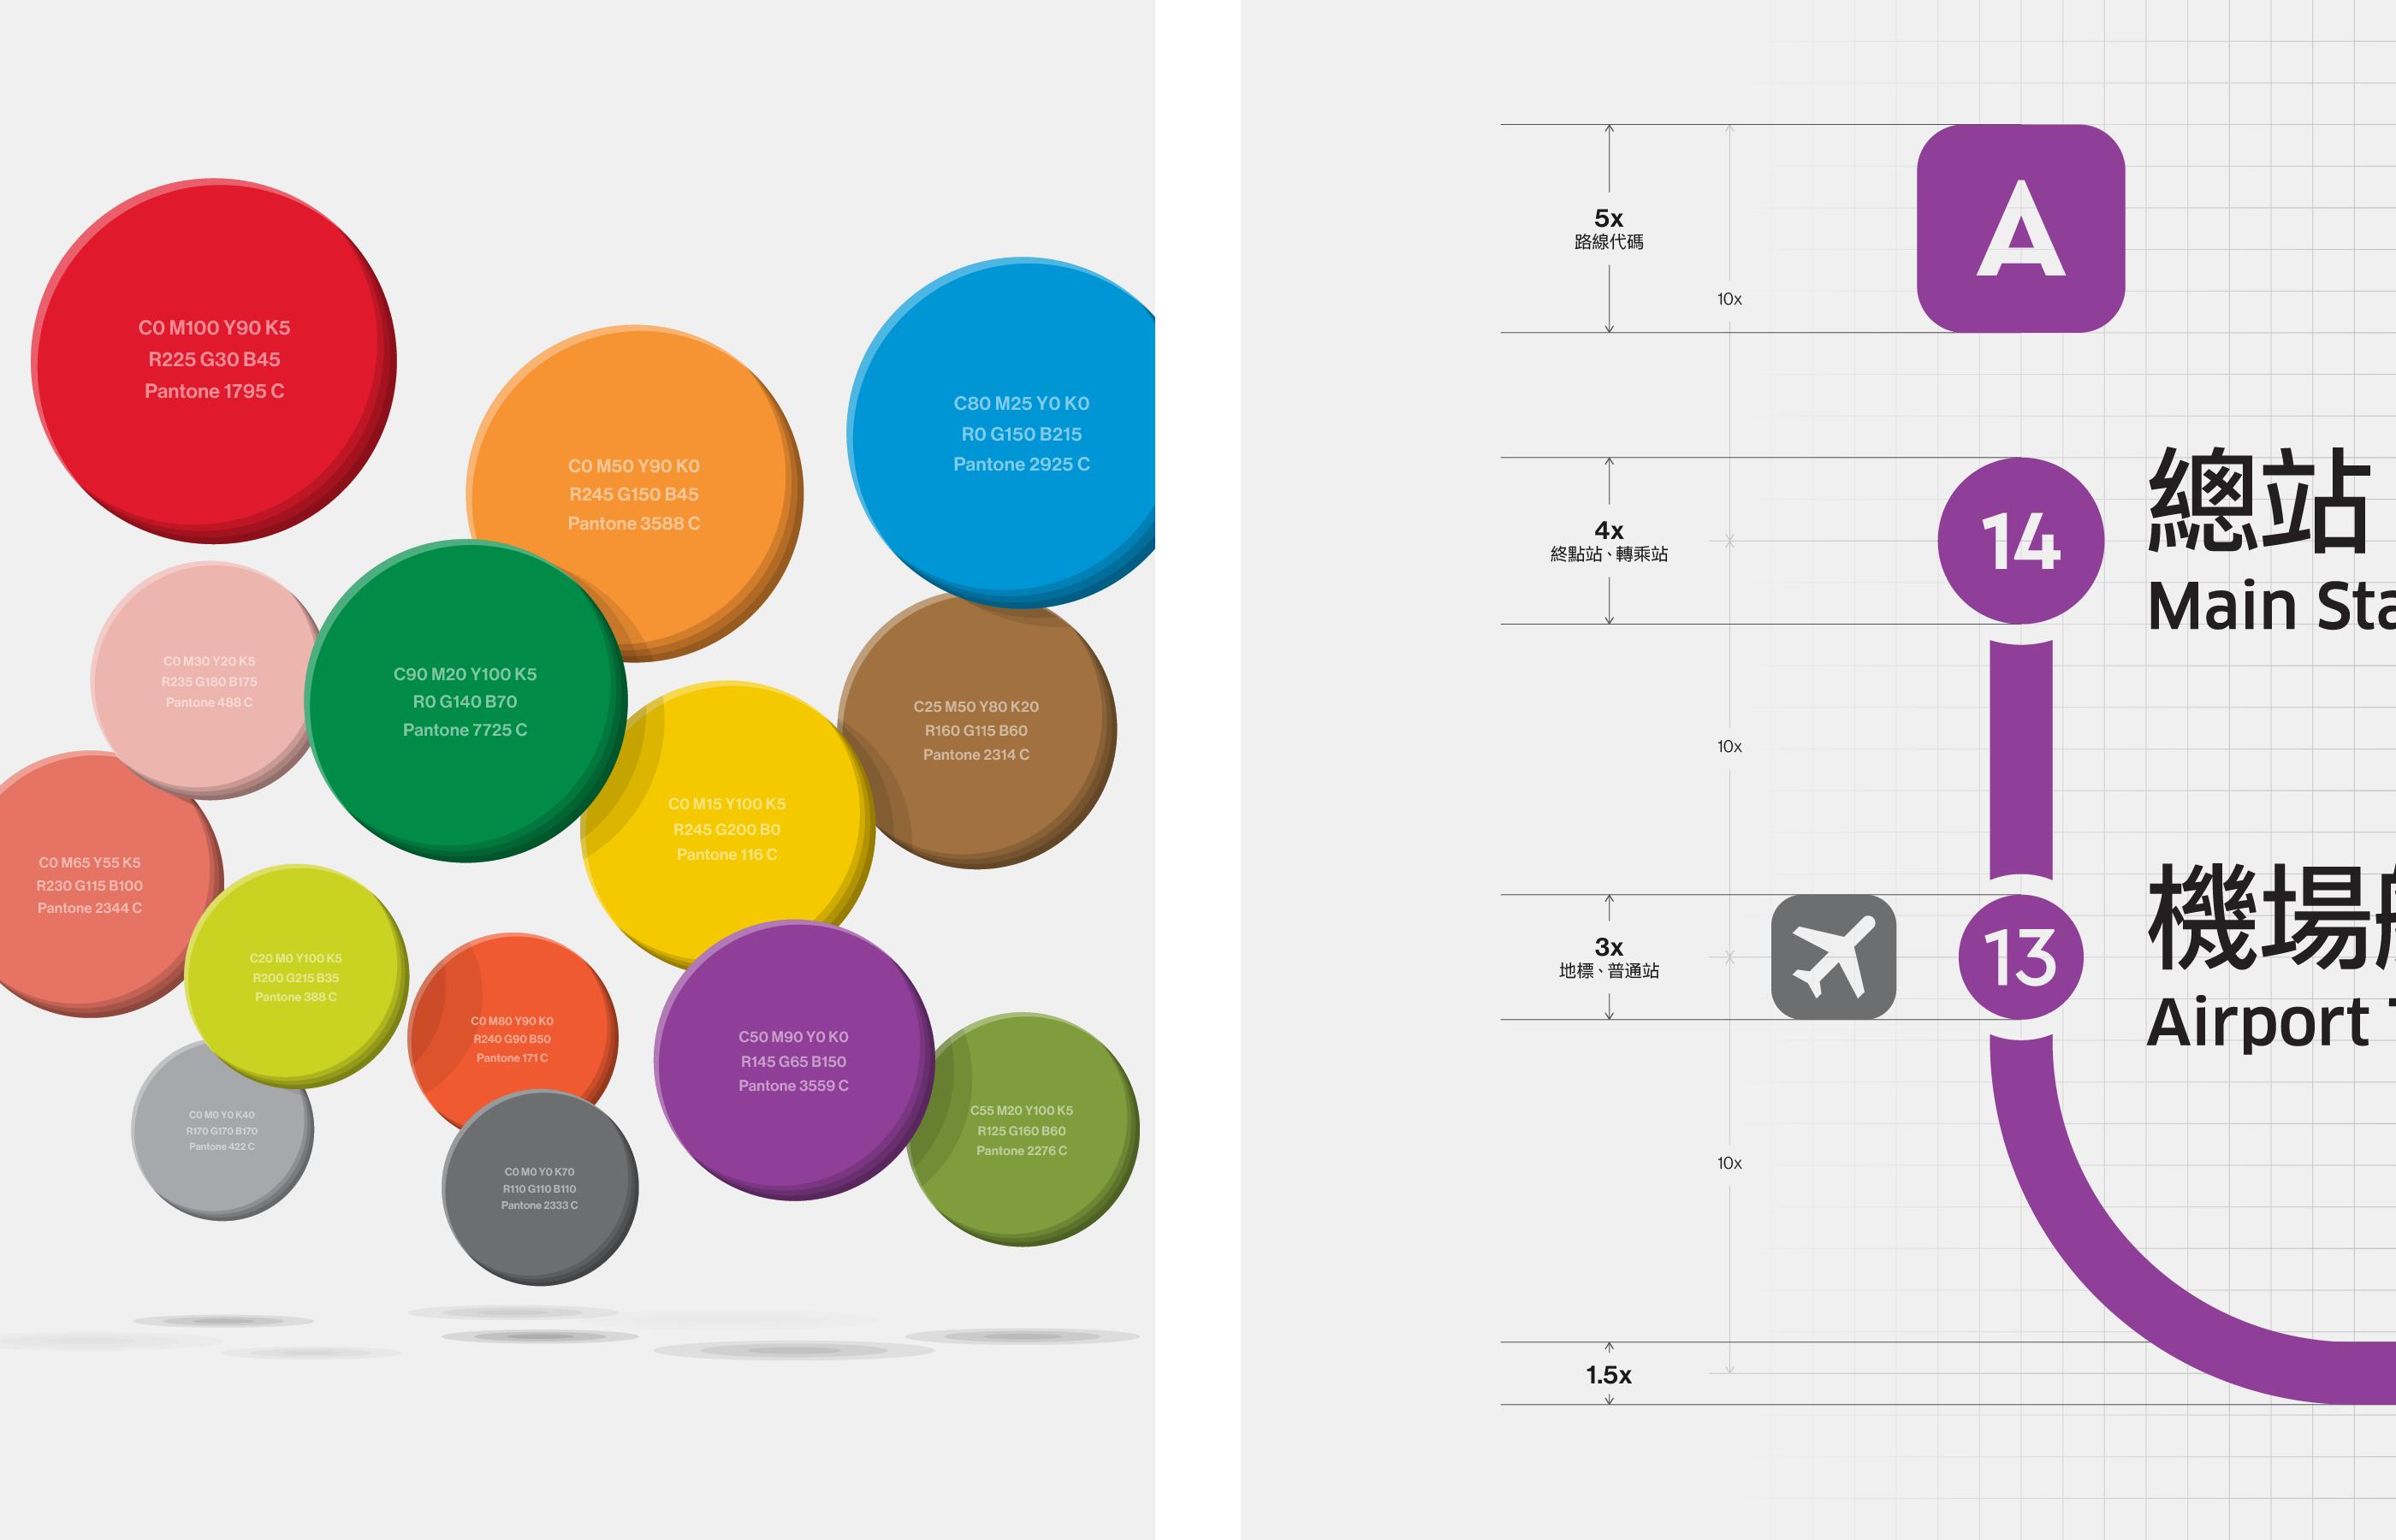 左:調整後的路線及圖示色彩 / 右:圖標間的尺寸相對關係